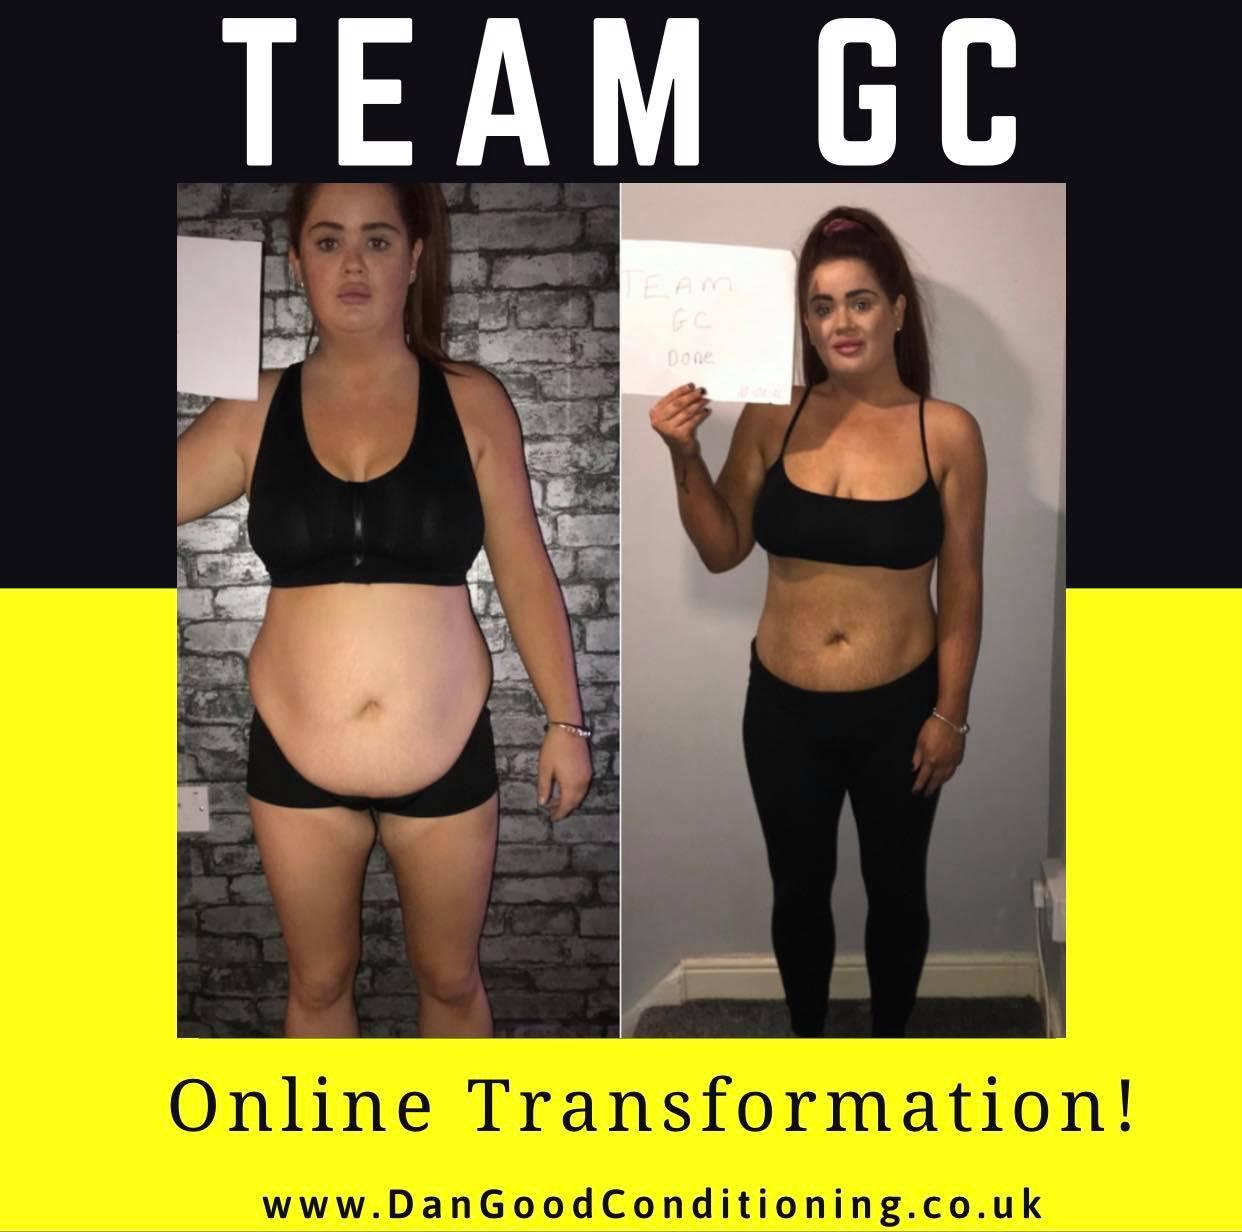 Katie Mctaggart - Team GC Member